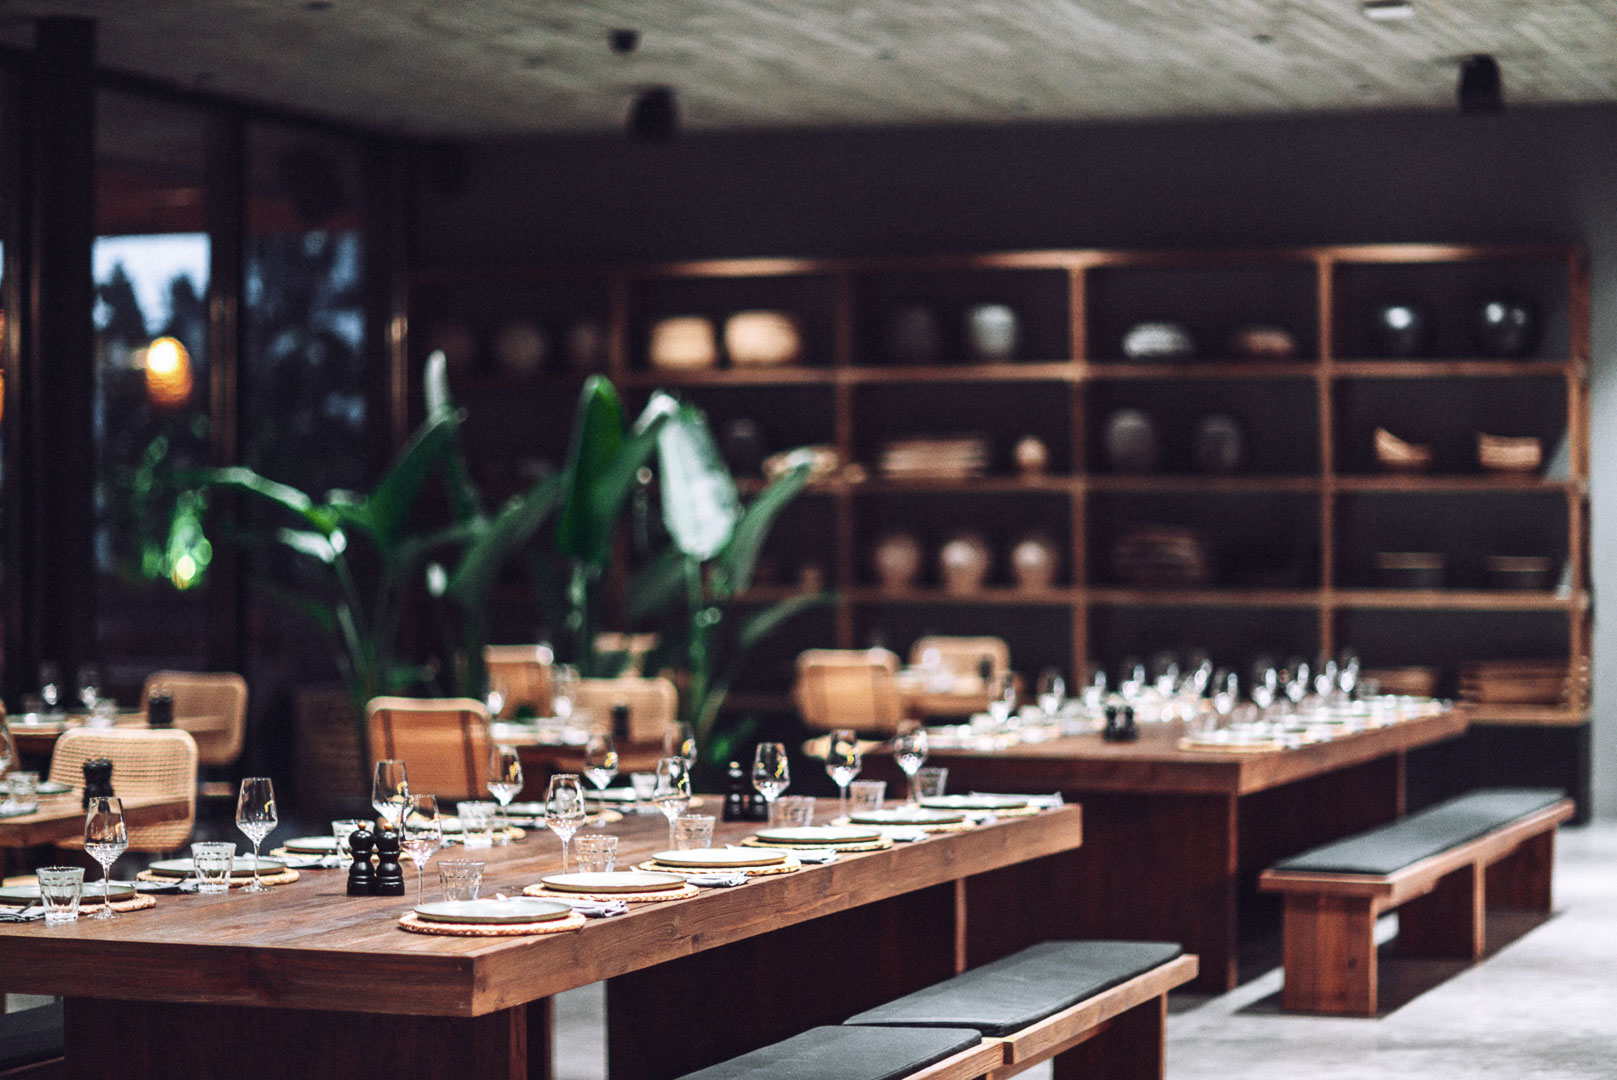 Imagen arquitectura real estate del comedor recién montado del restaurante de Casa Cook Ibiza en las Islas Baleares